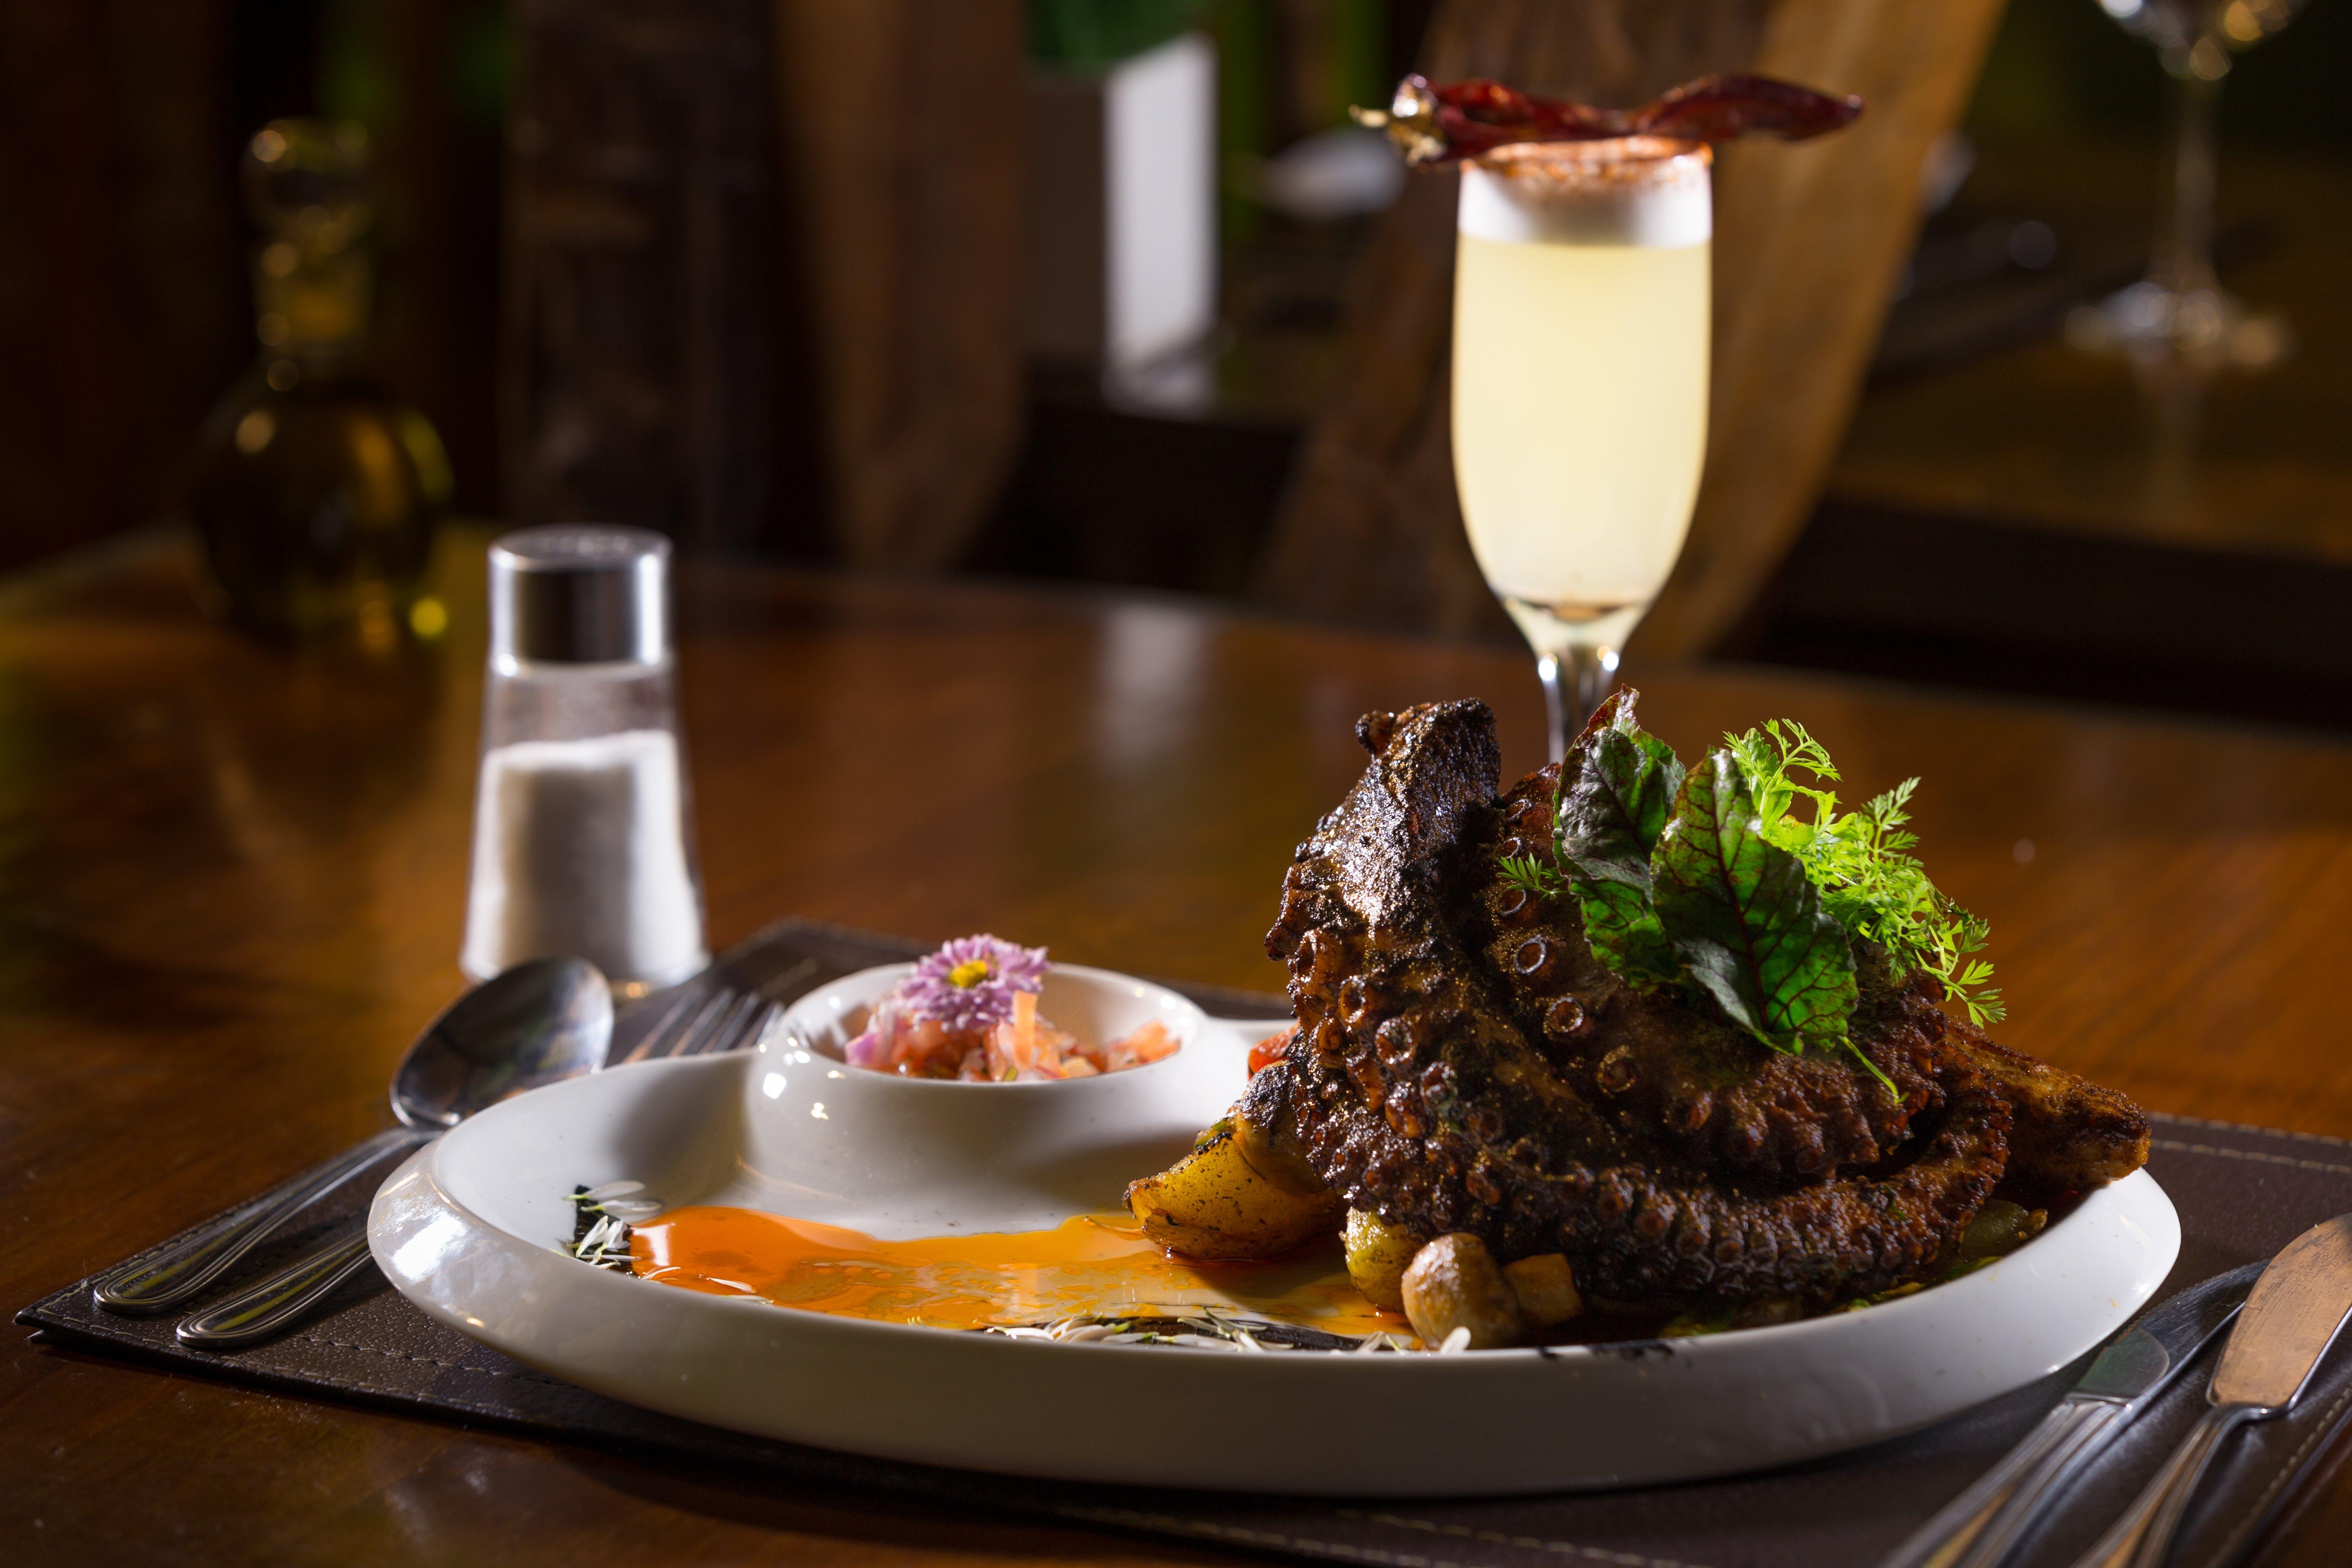 Gastronomía típica en restaurantes de Valparaíso